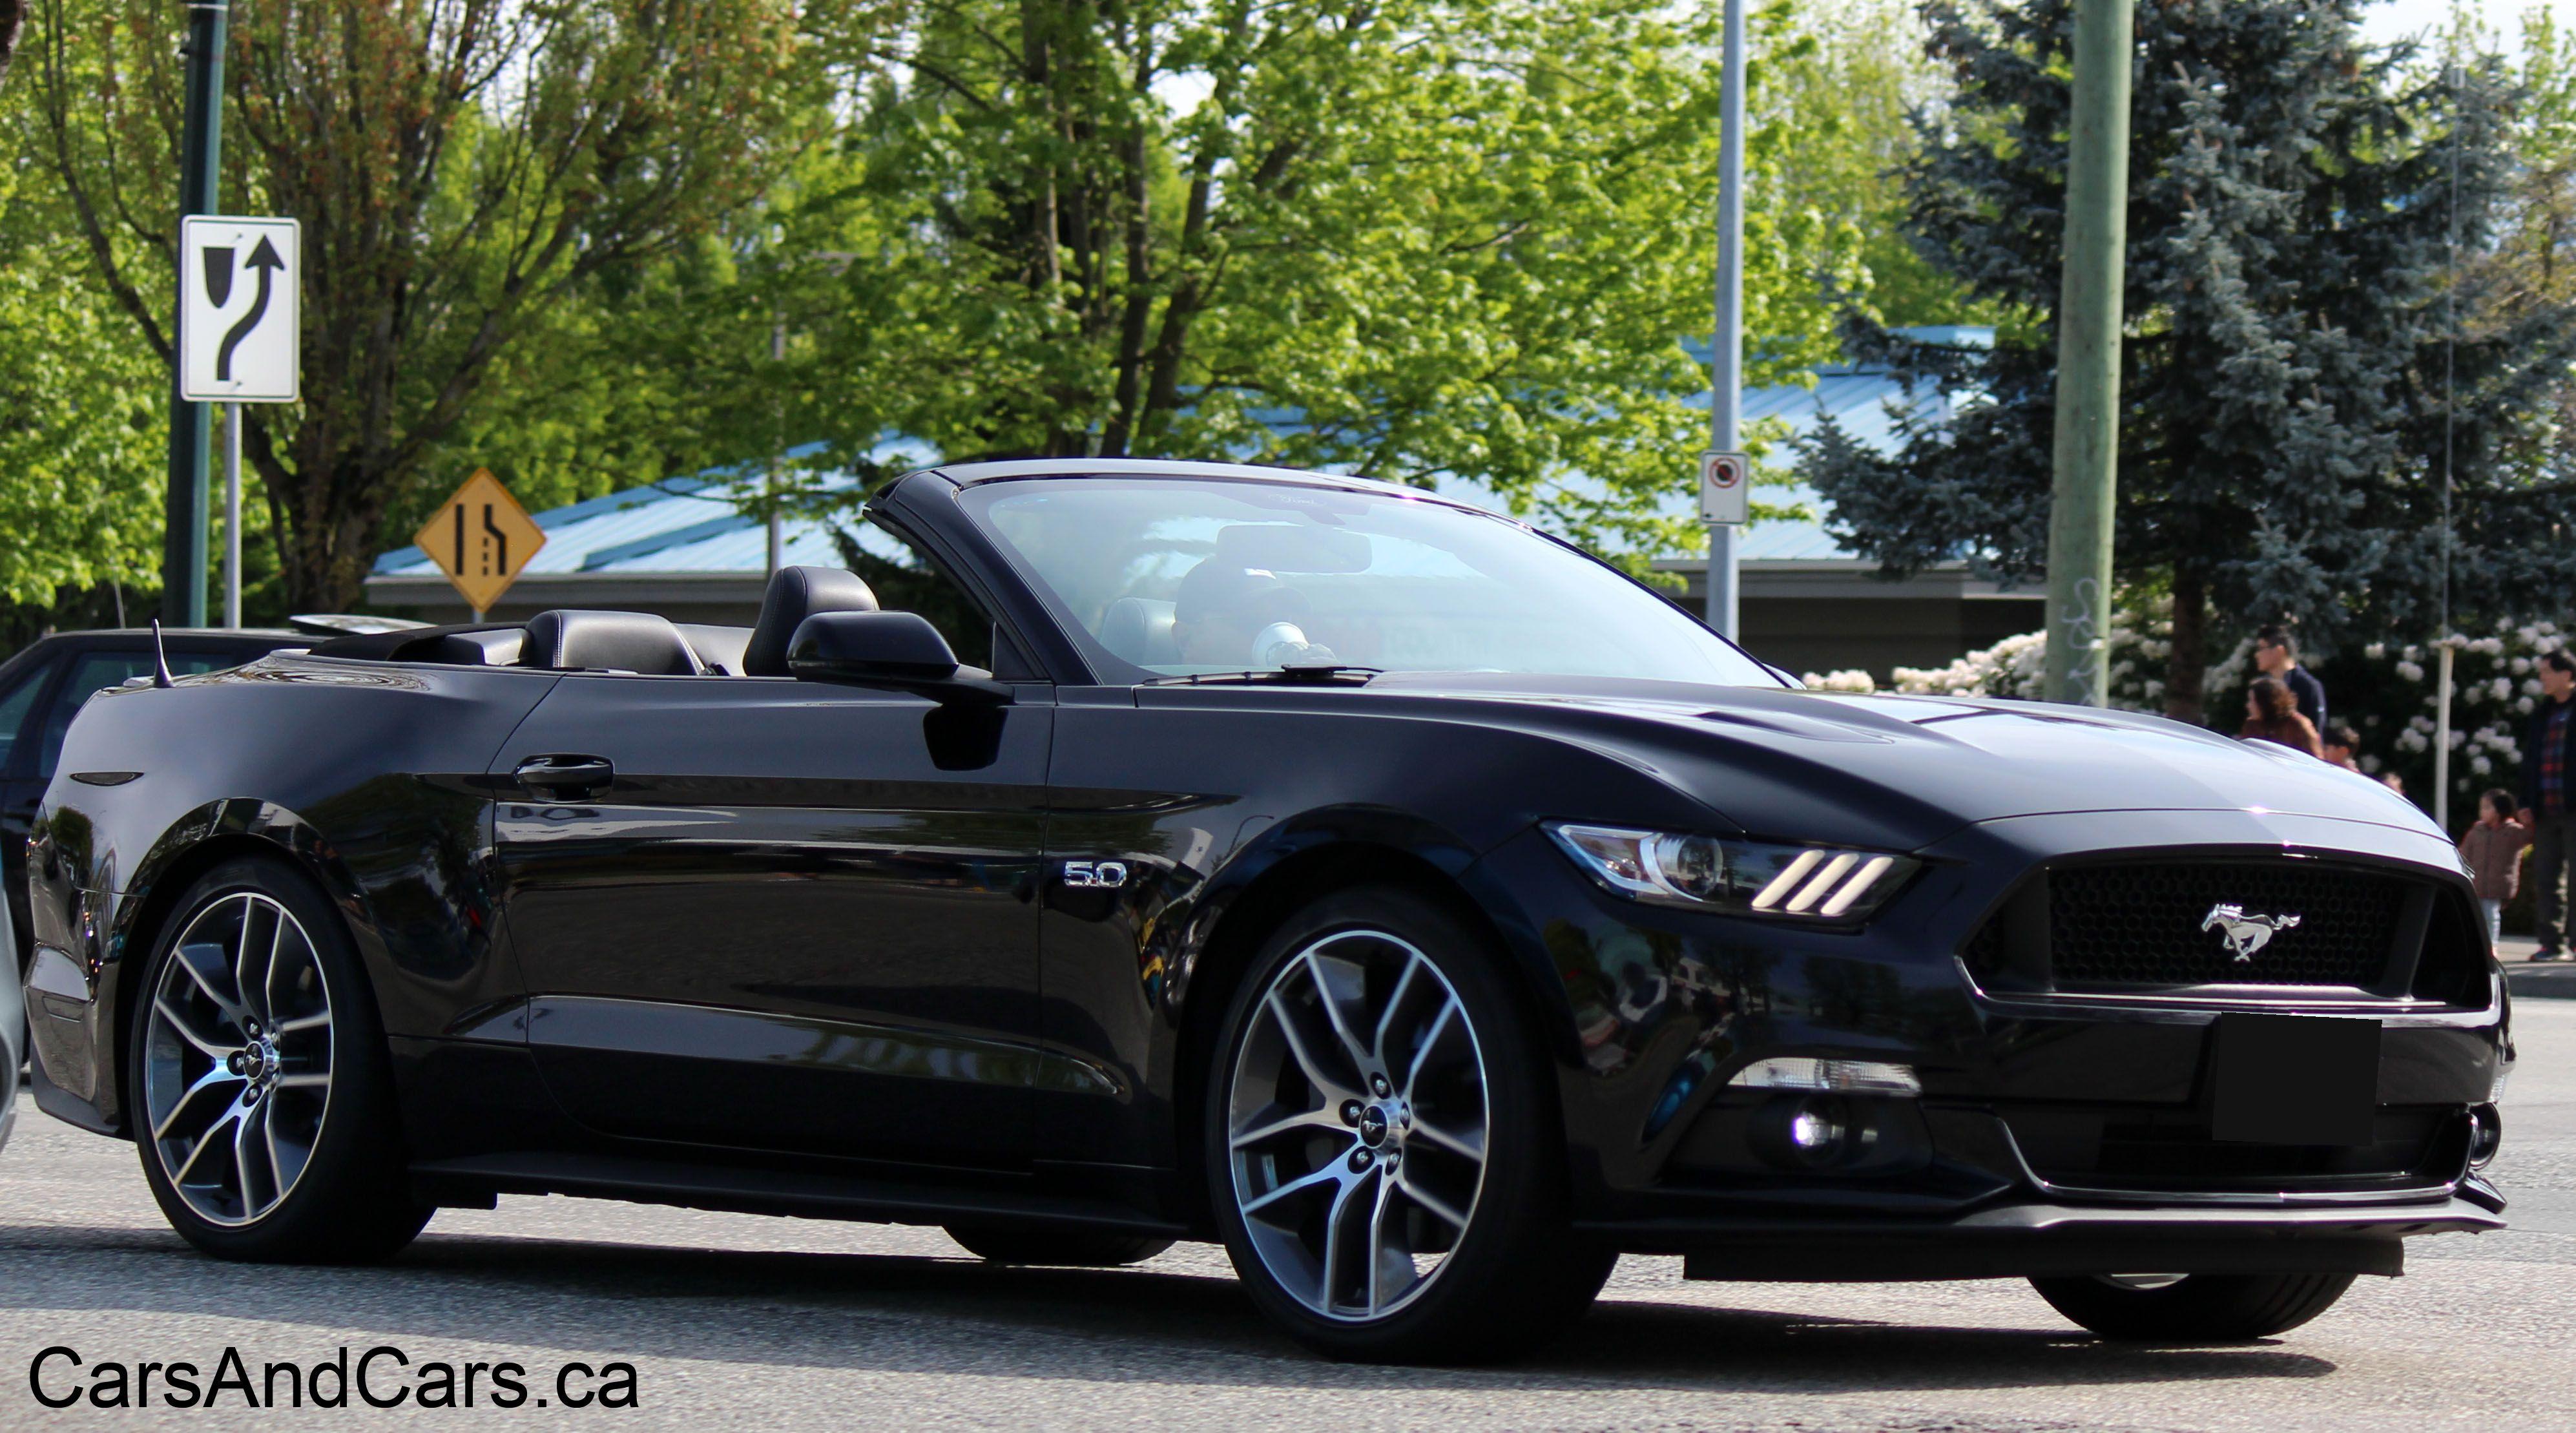 Ford Mustang Ford Mustang Mustang Ford Mustang For Sale